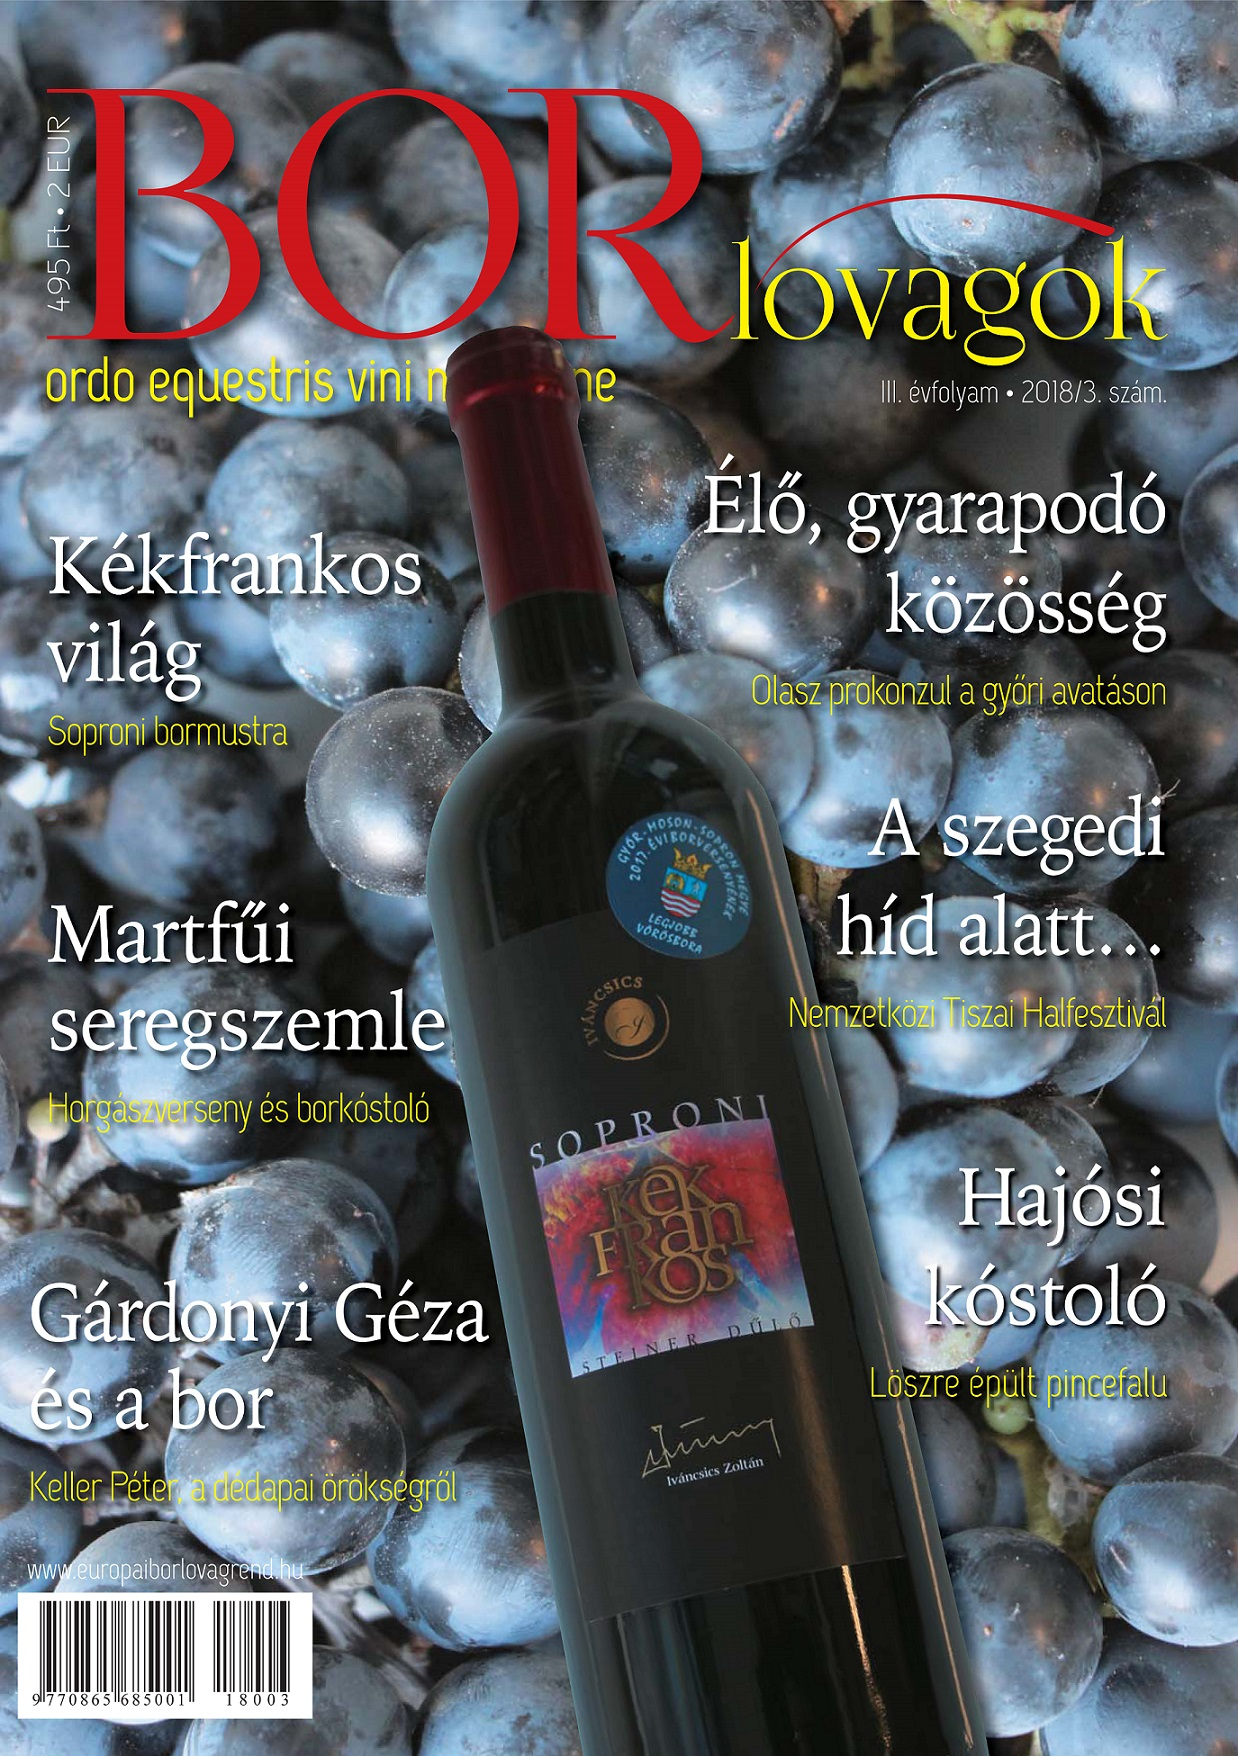 MEGJELENT A BORLOVAGOK Magazin 2018/3